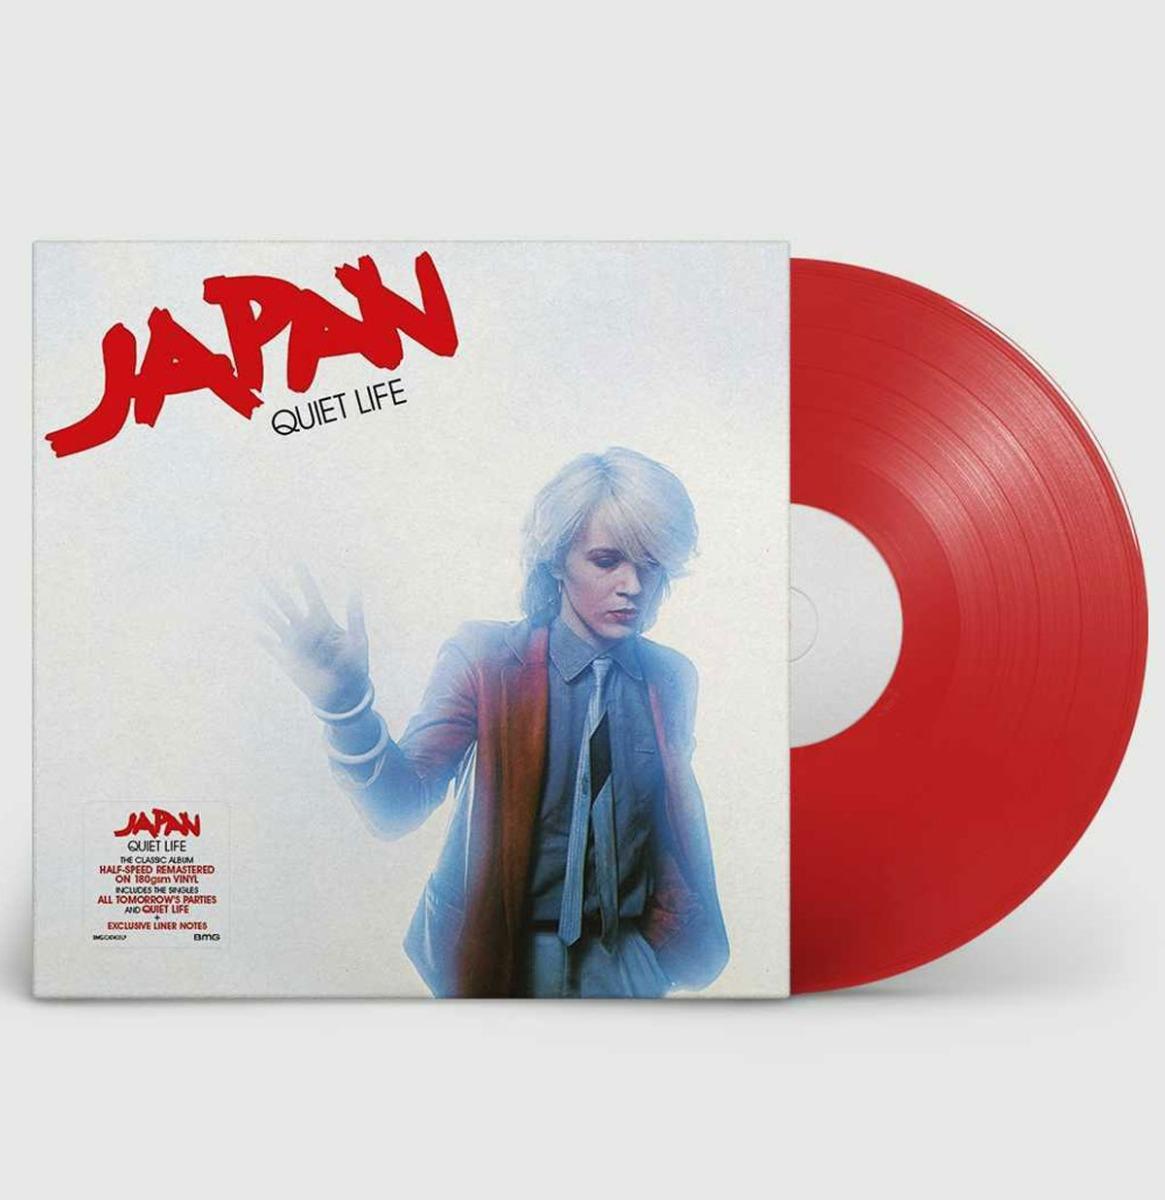 Japan - Quiet Life LP - Beperkte Oplage